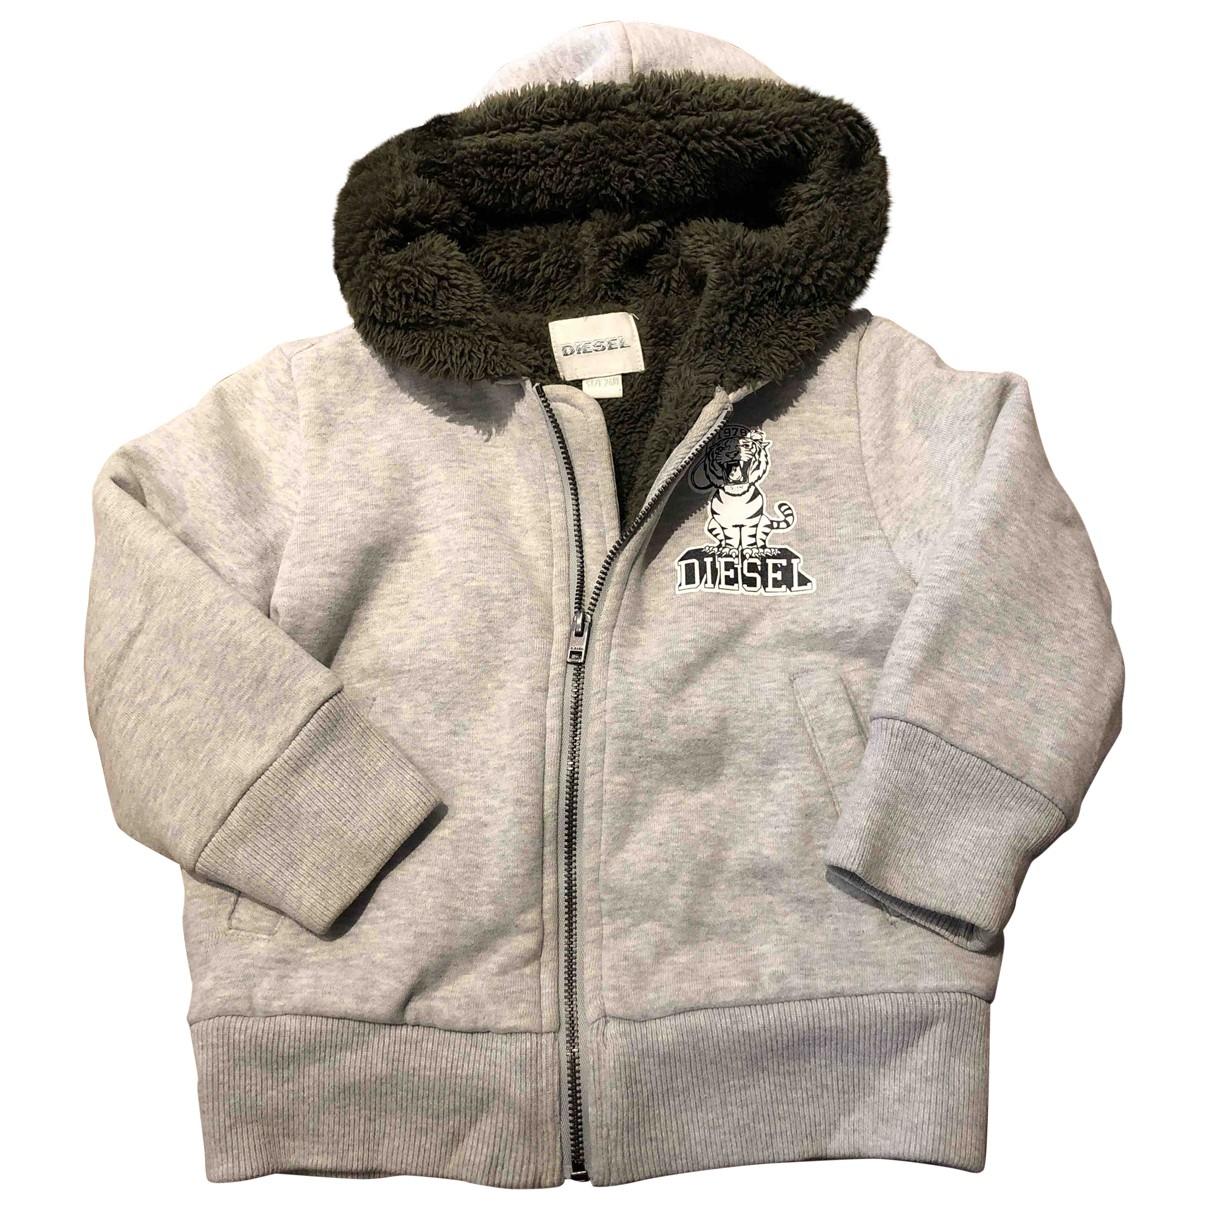 Diesel - Blousons.Manteaux   pour enfant en coton - gris